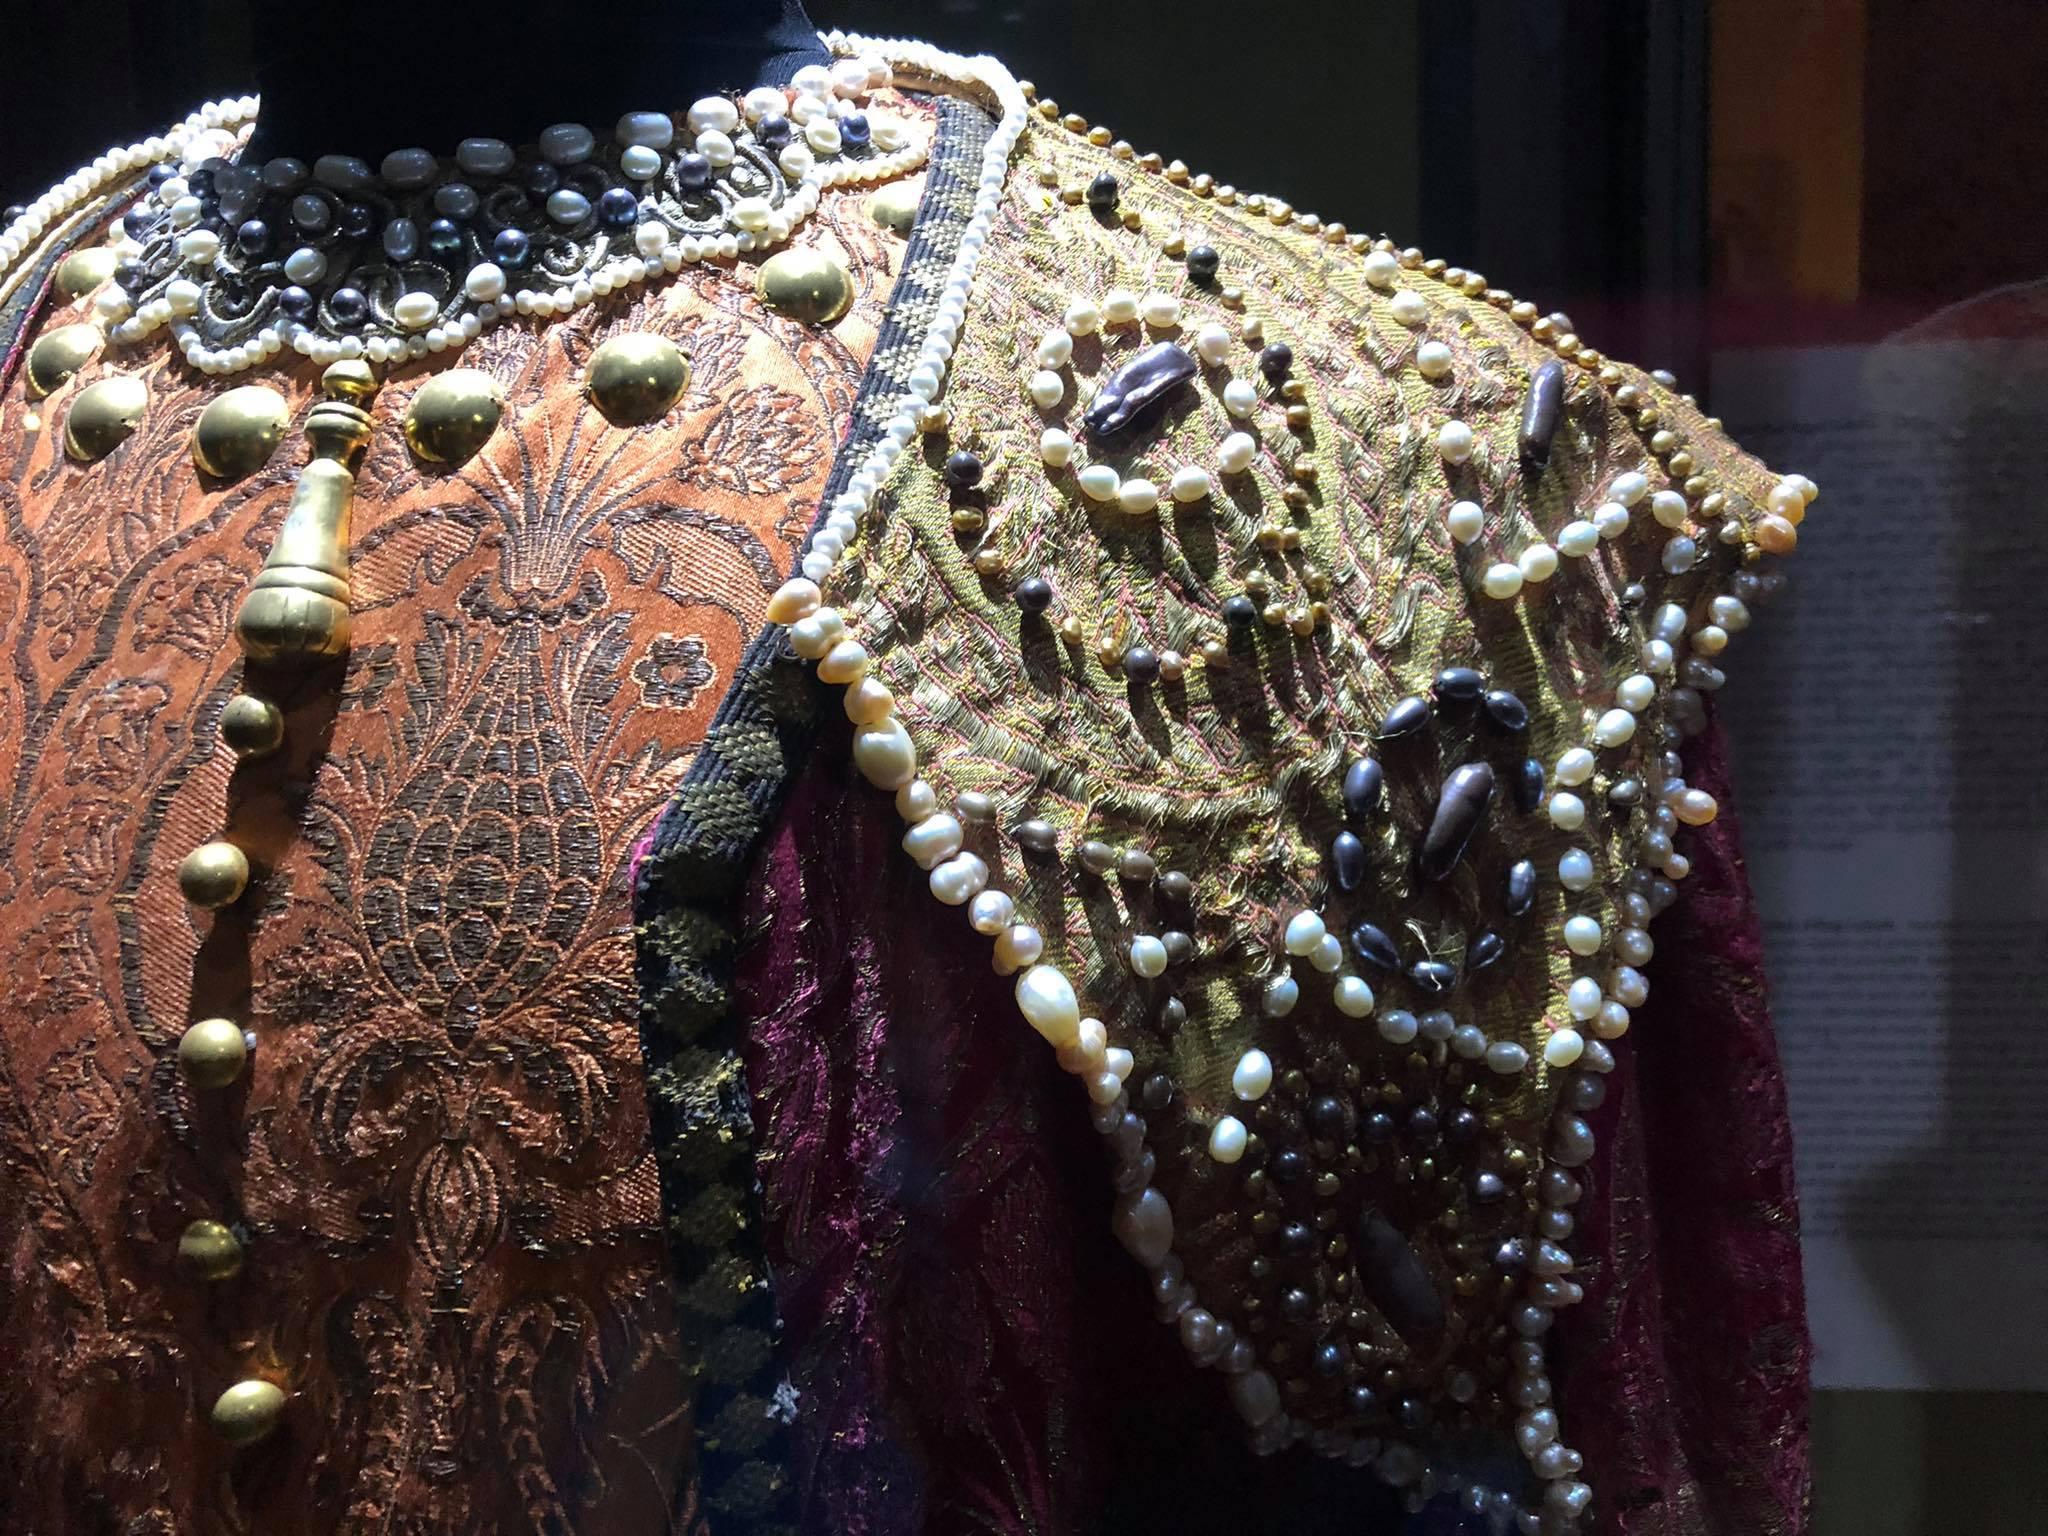 188090580 326925185448627 2777946445161984128 n Другая SOVA featured, Георгий Каландия, Дворец искусств, мода, национальный костюм, чоха